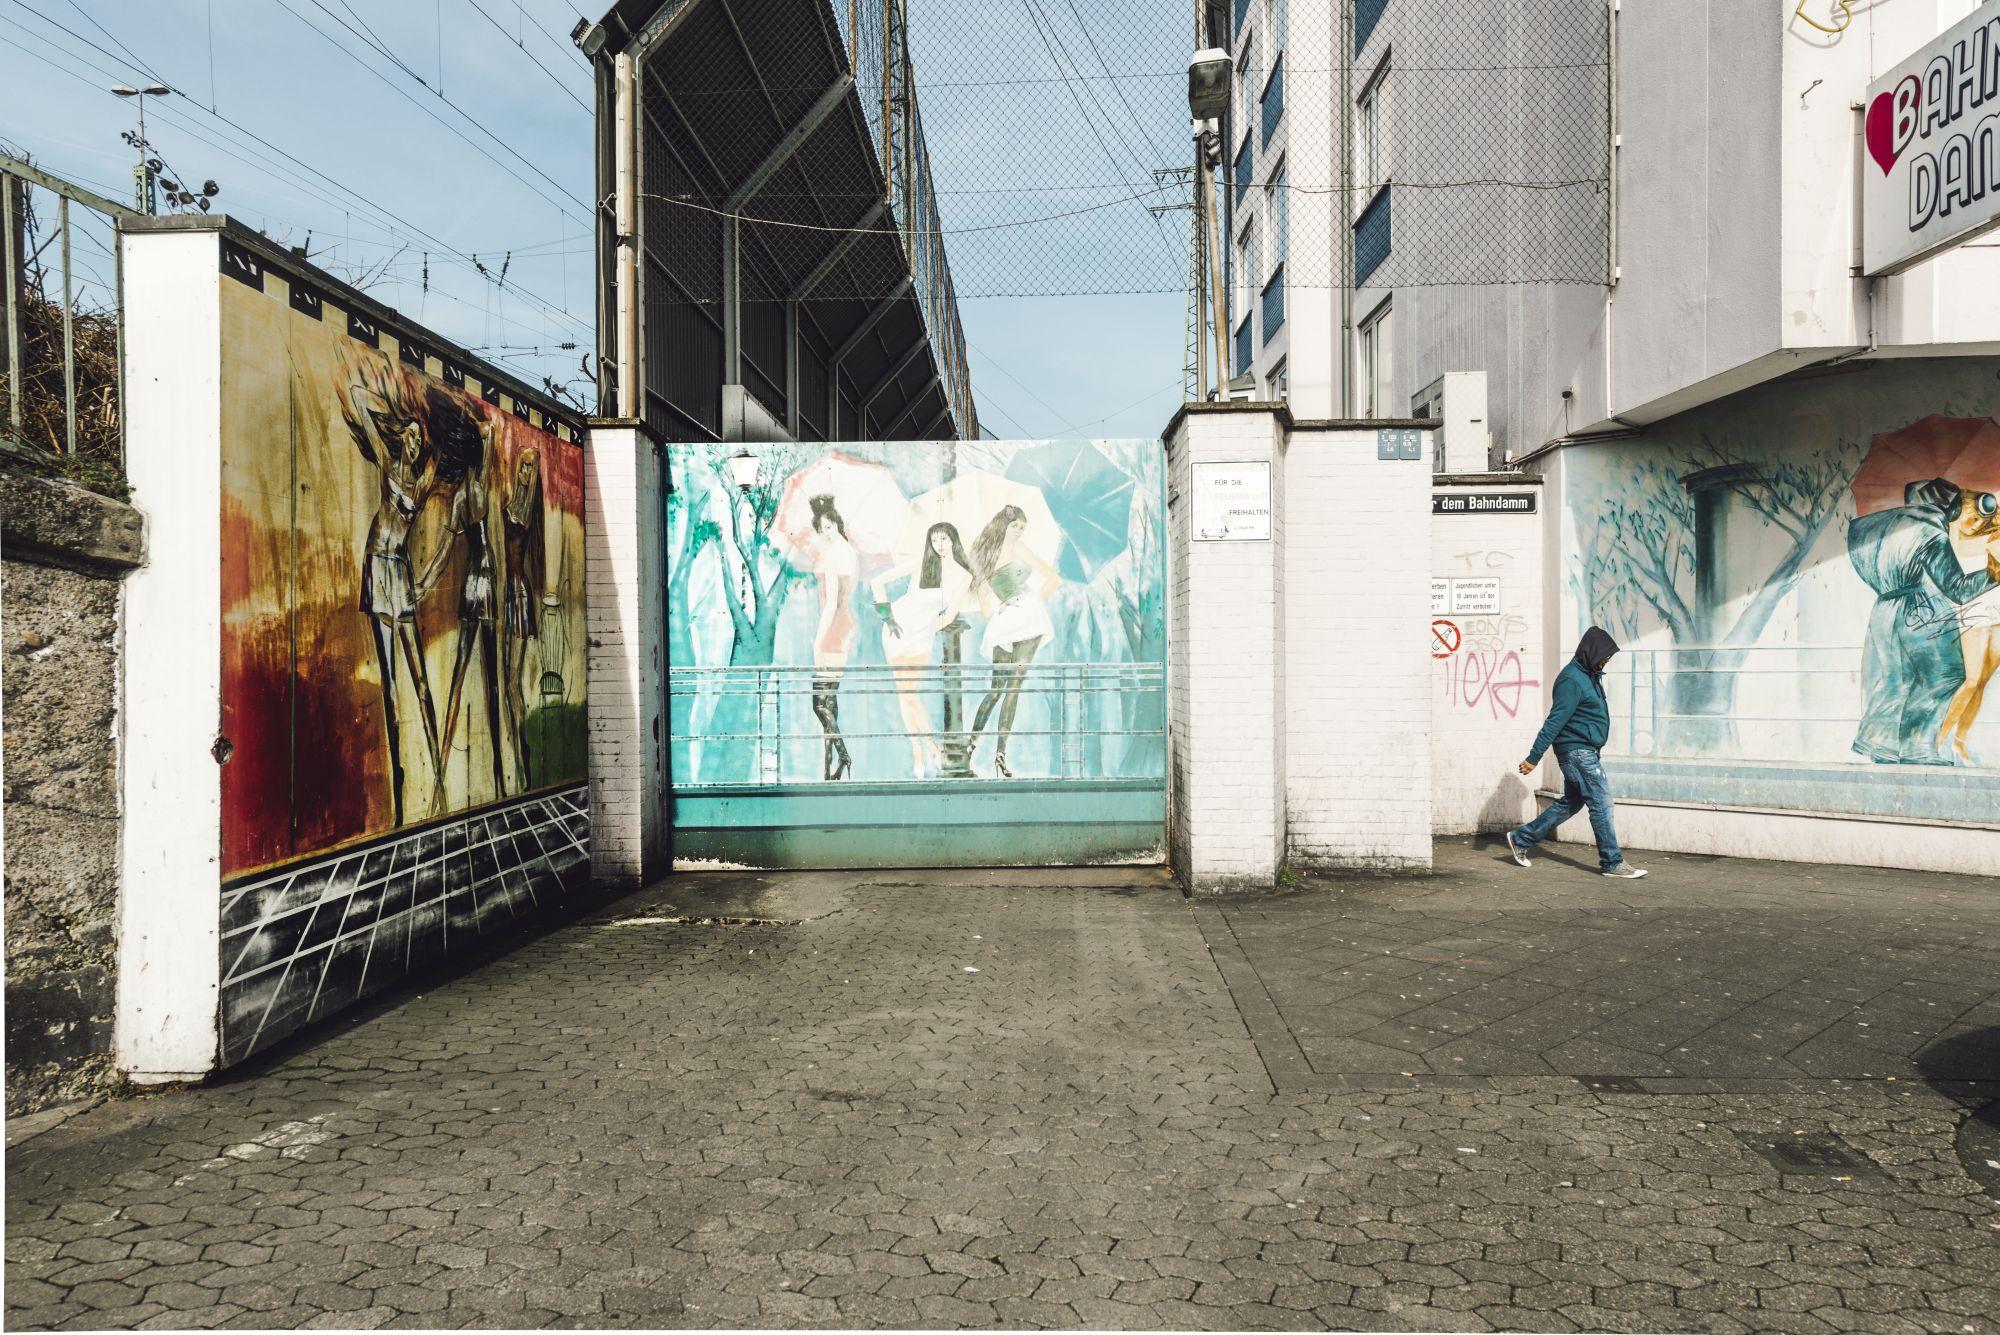 Bild der KW17: Hinterm Bahndamm - The Düsseldorfer - das